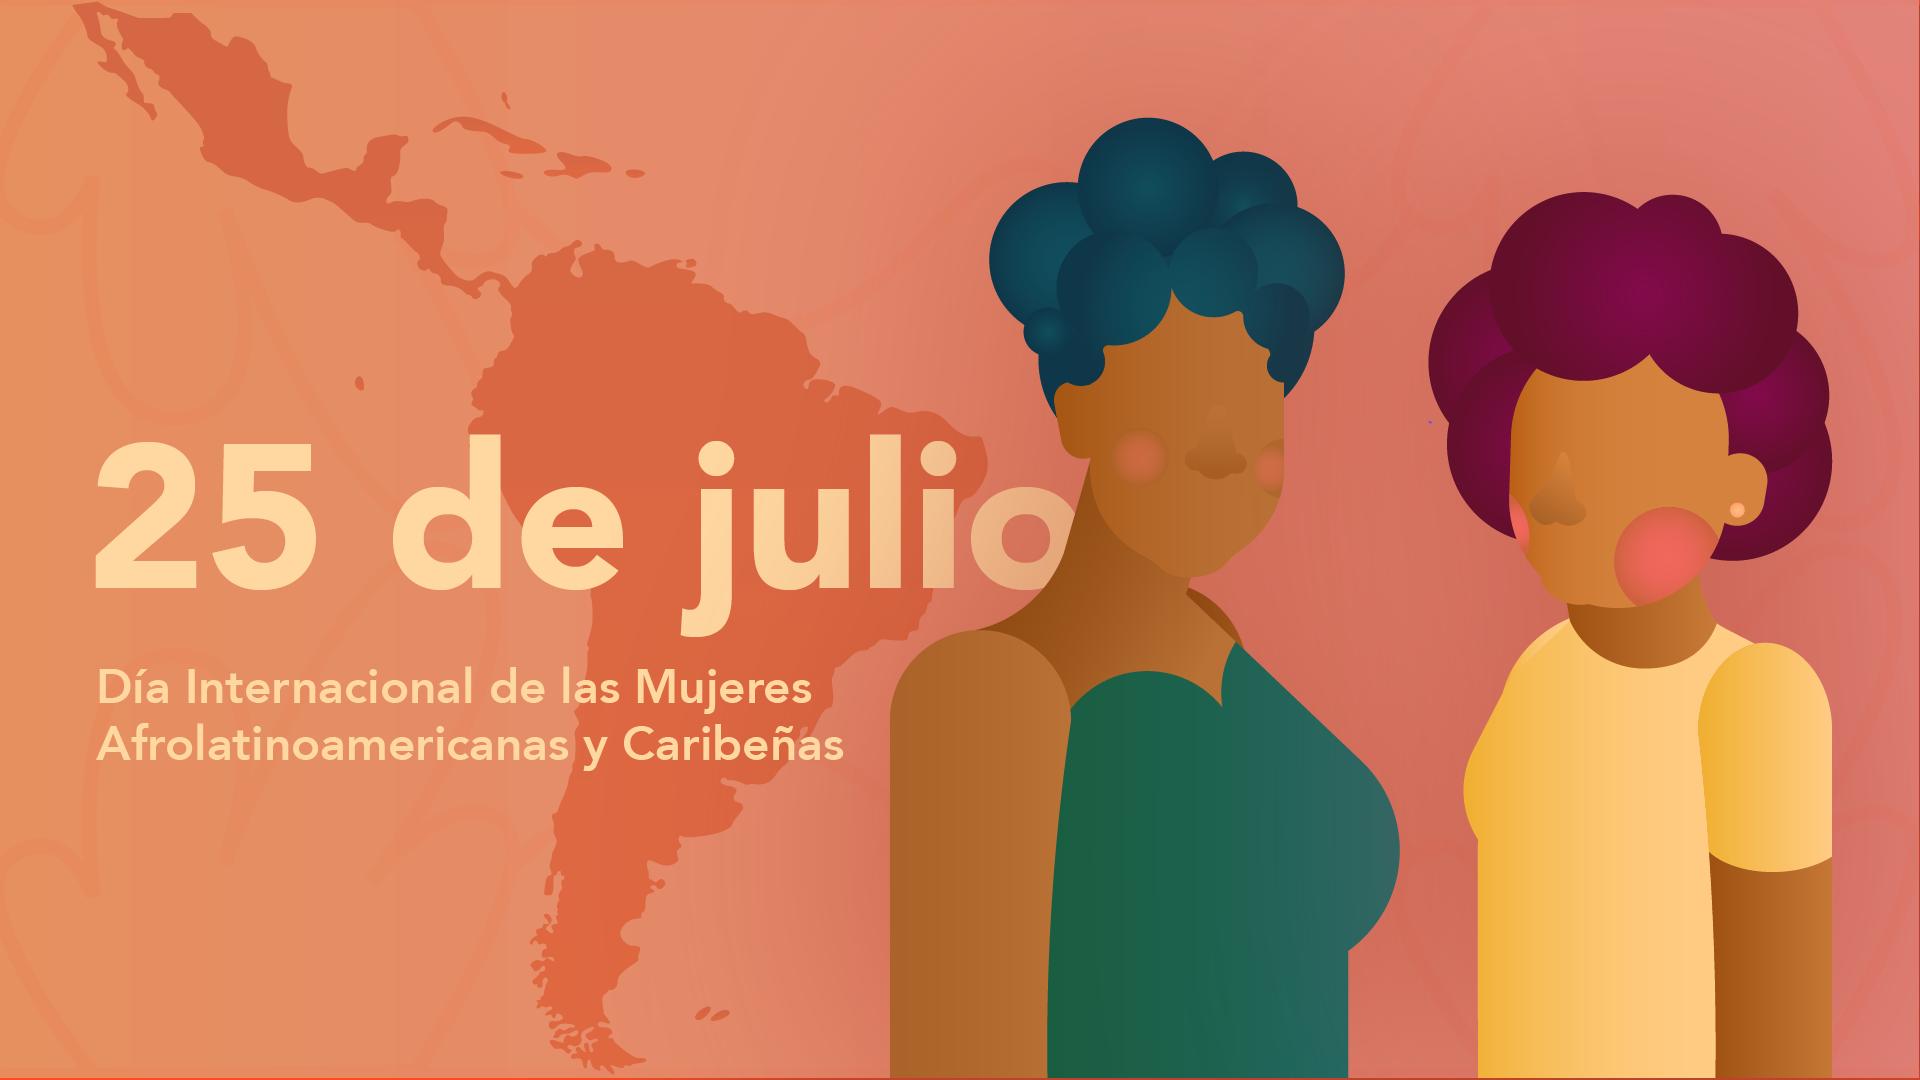 """Imagen con fondo Naranja y letras crema que leen """"25 de Julio, Día Internacional de las mujeres Afrolatinoamericanas y Caribeñas"""" al texto lo acompaña un mapa de Latinoamérica y el Caribe y una ilustración de dos mujeres Afrolatinas distintas entre ellas."""